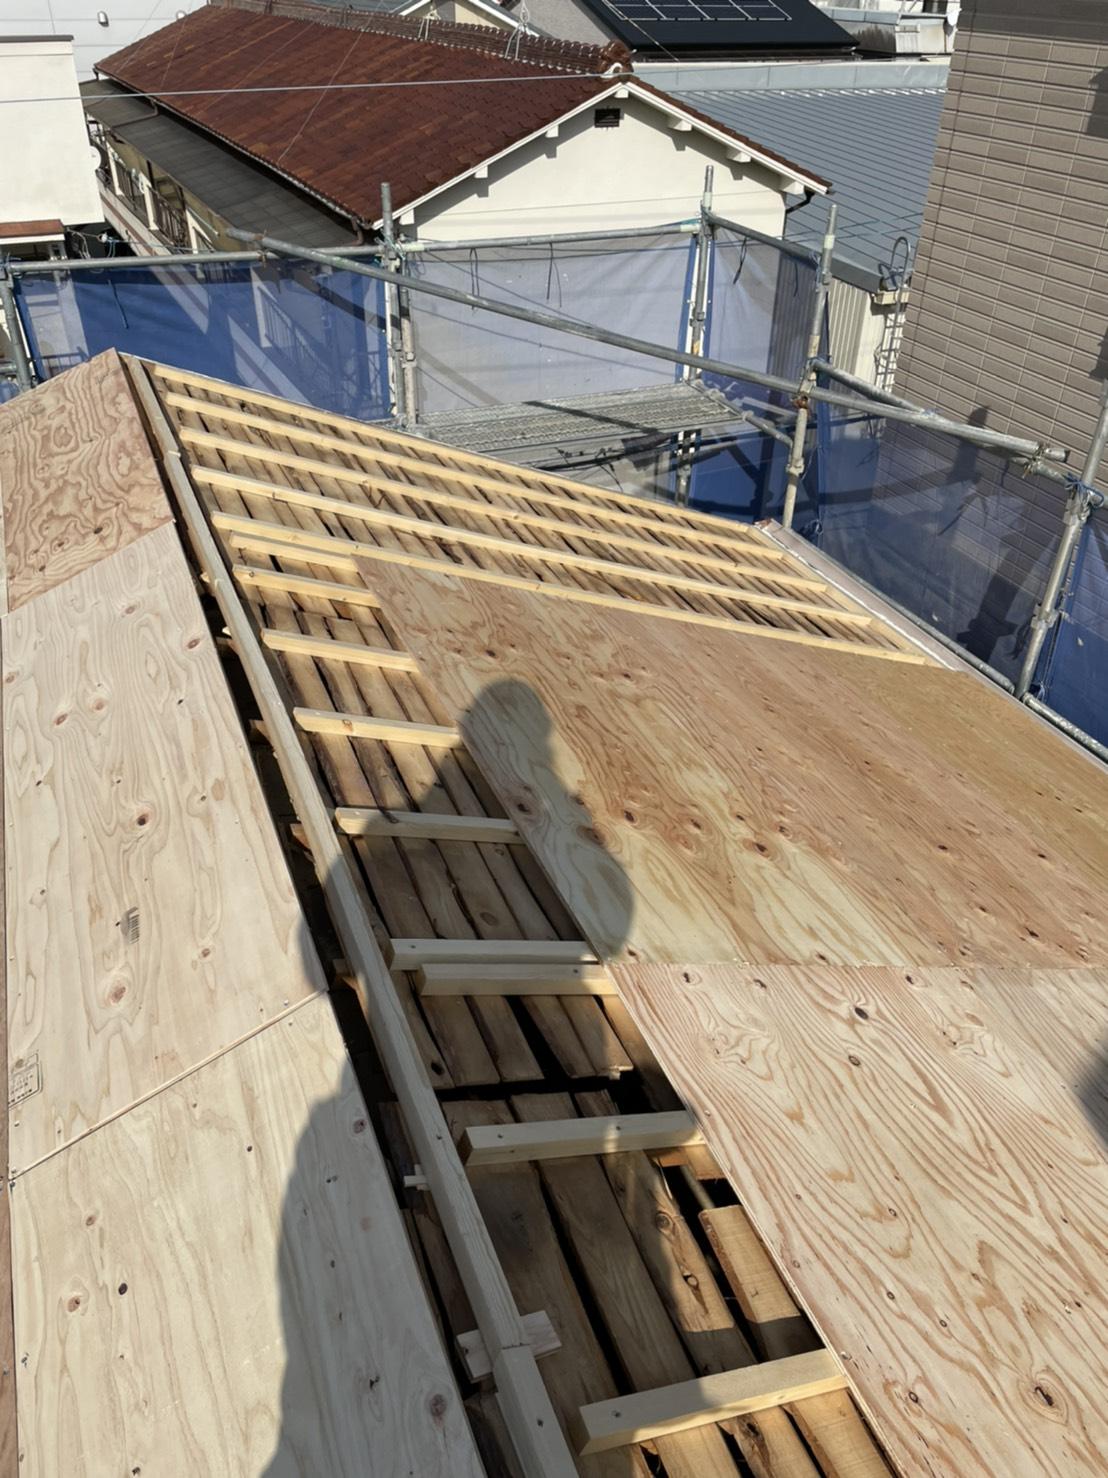 三木市での屋根葺き替え工事「通気工法」で下地用合板を貼っている様子